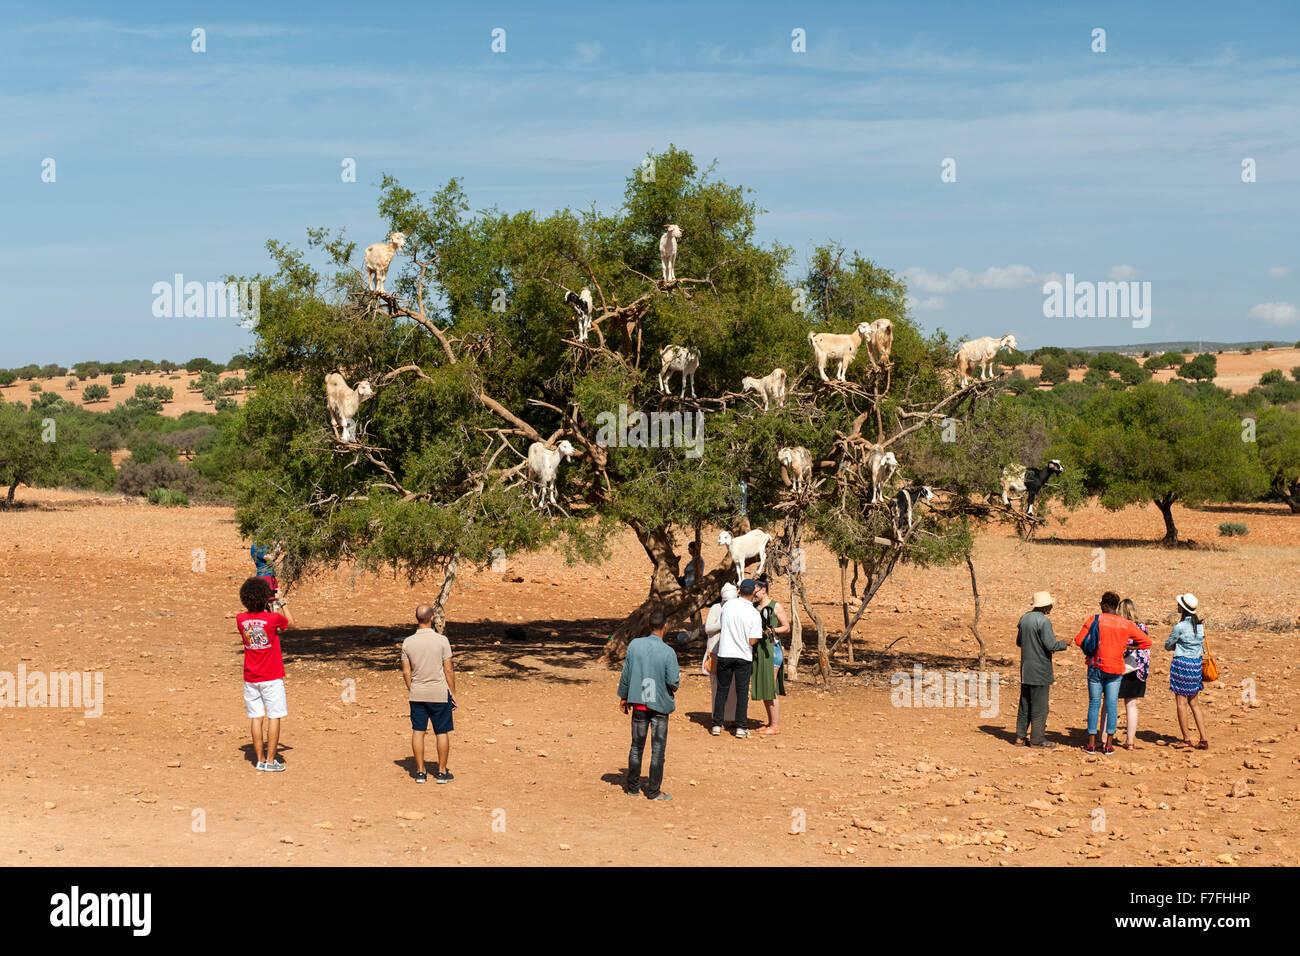 Les chèvres dans un arbre sur la route de Marrakech à Essaouira au Maroc. Photo Stock